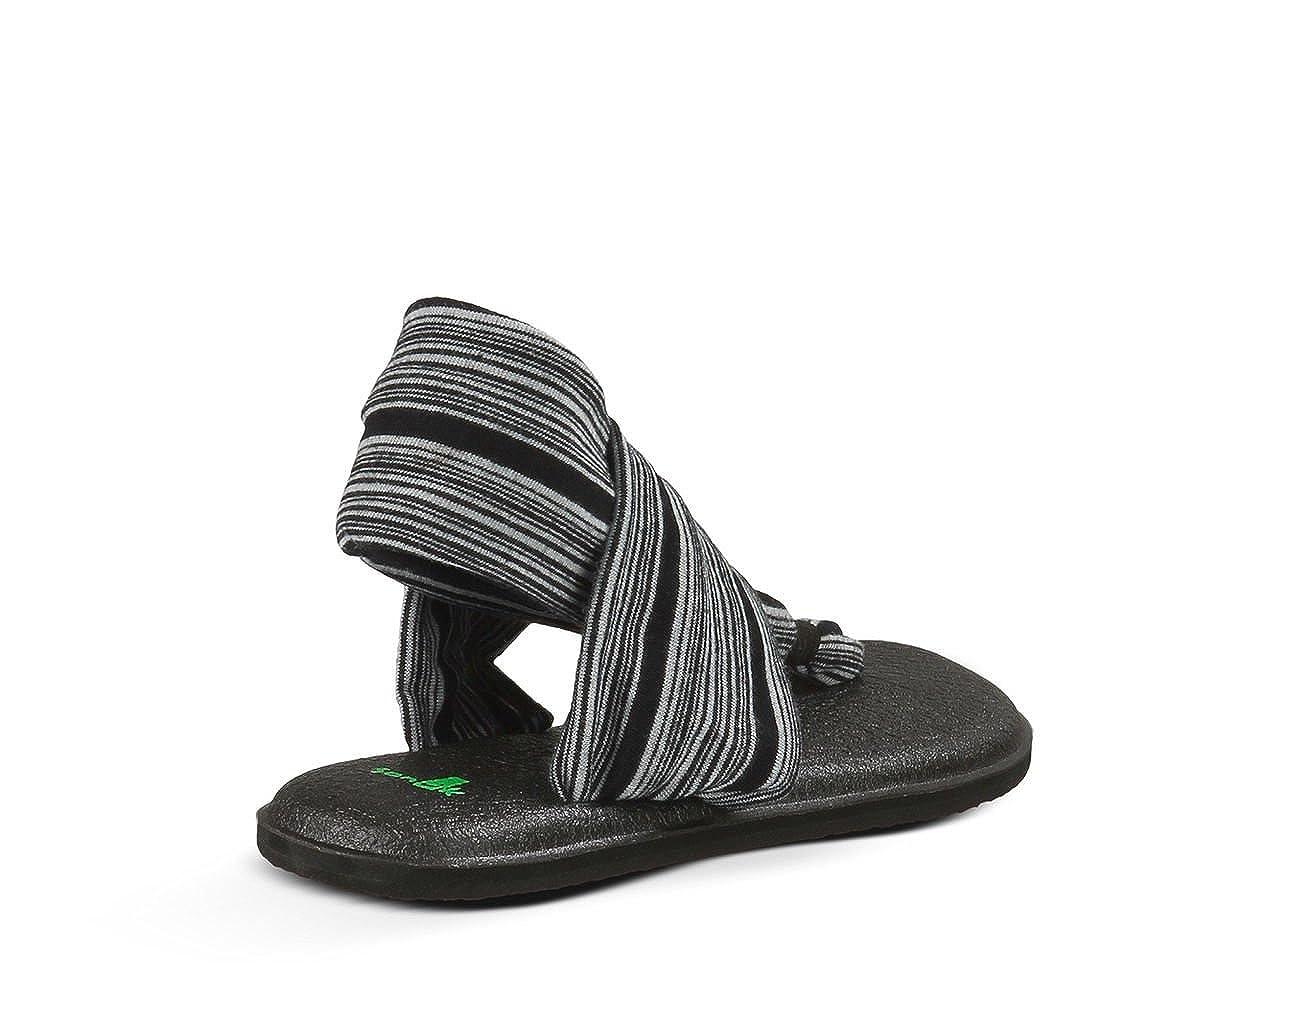 Sanuk Womens Yoga Sling 2 Thong Sandal Blk/Wht 8 M US